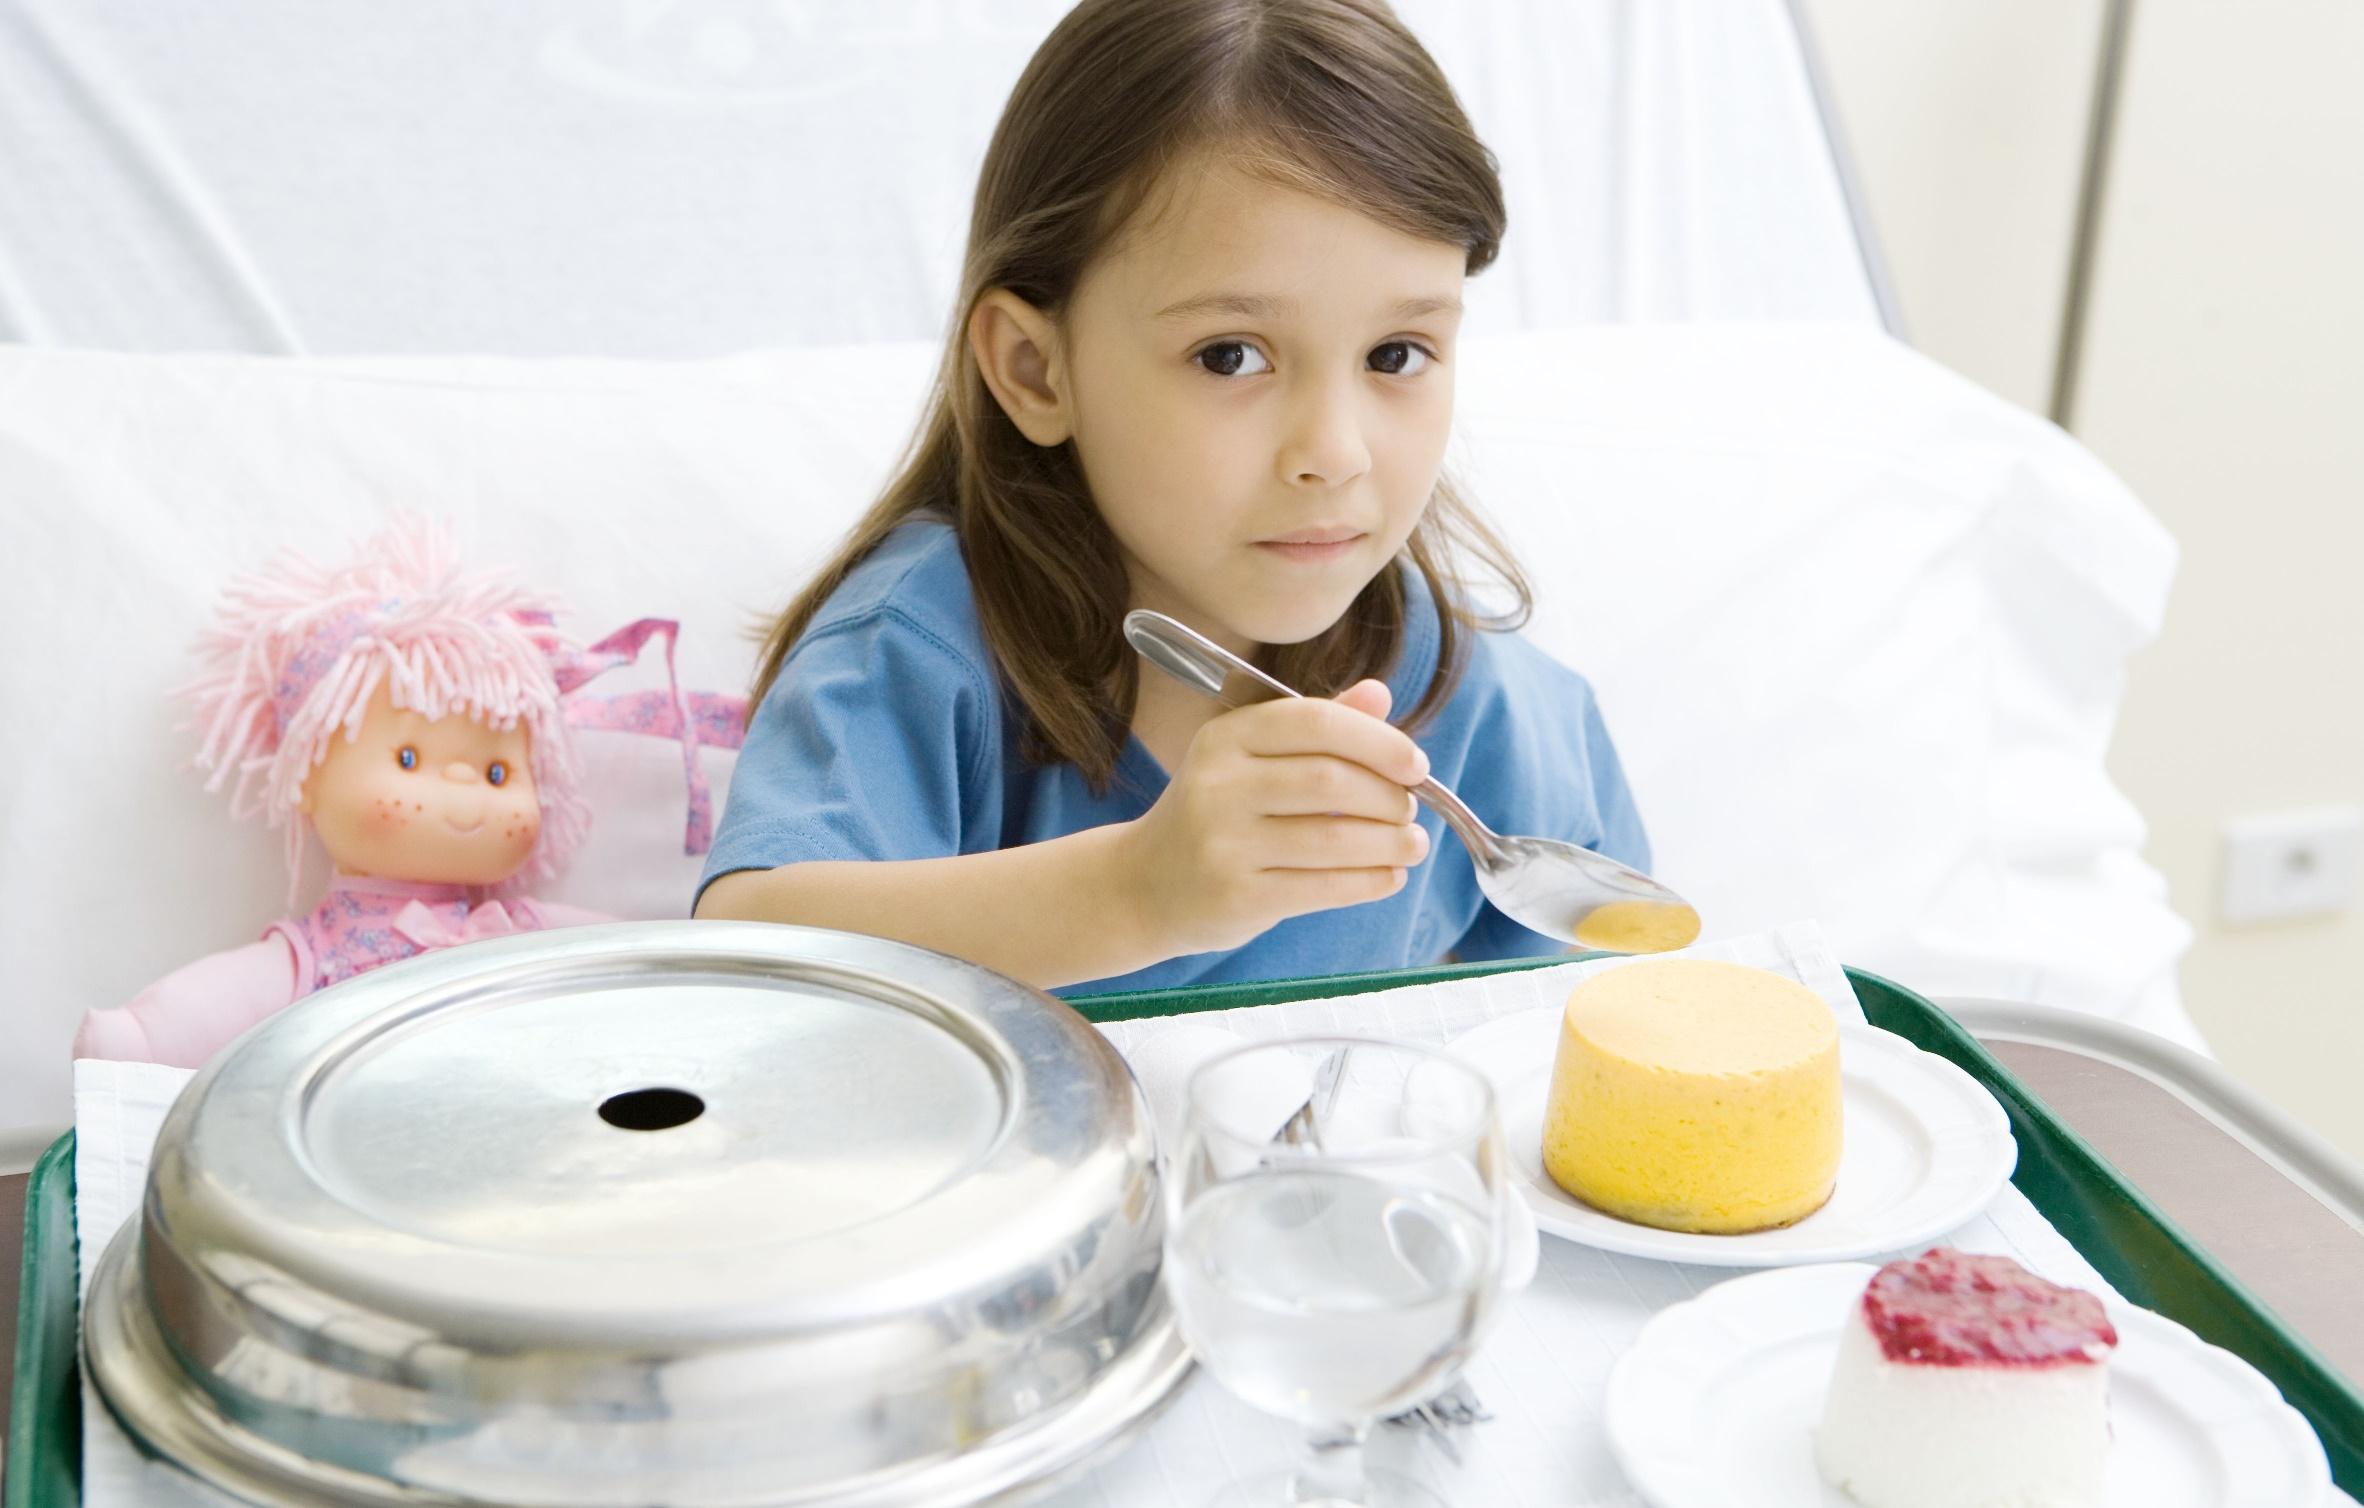 Чтобы исключить распространение инфекции, нужно ребенку выделить отдельную посуду и изолировать в комнате